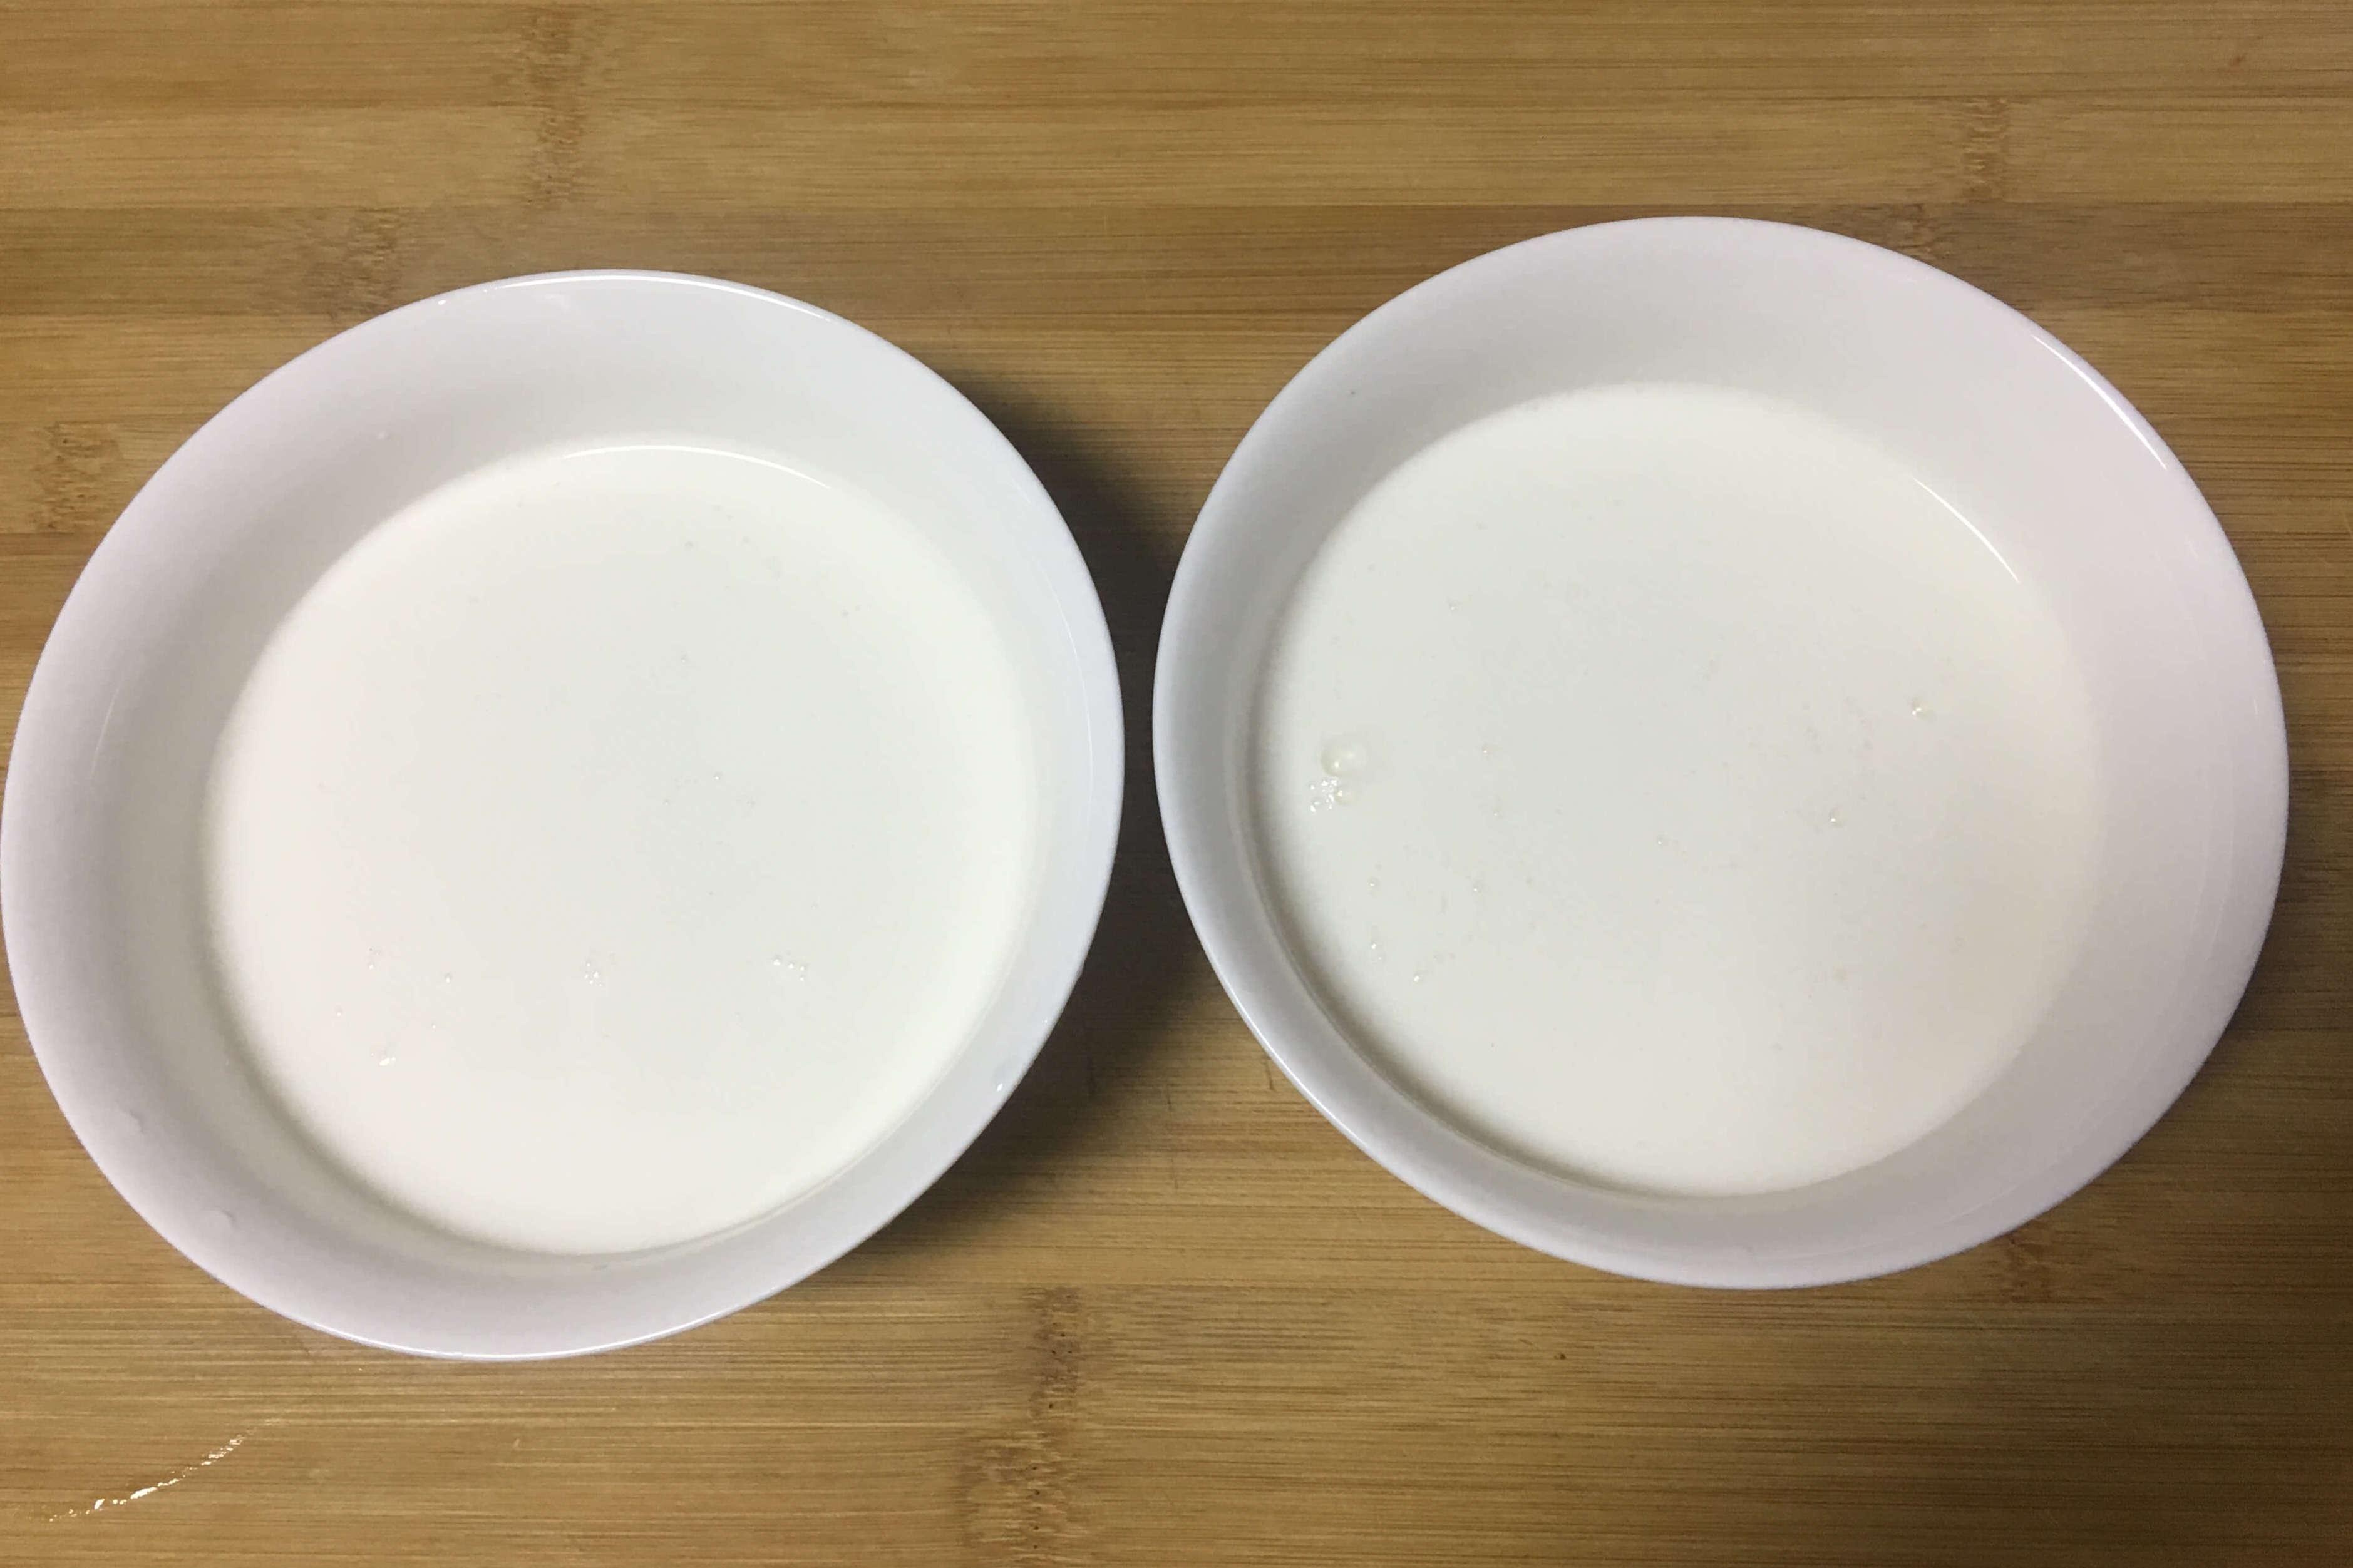 只用牛奶就能在家做的牛奶布丁,没有添加剂吃起来更放心第五步